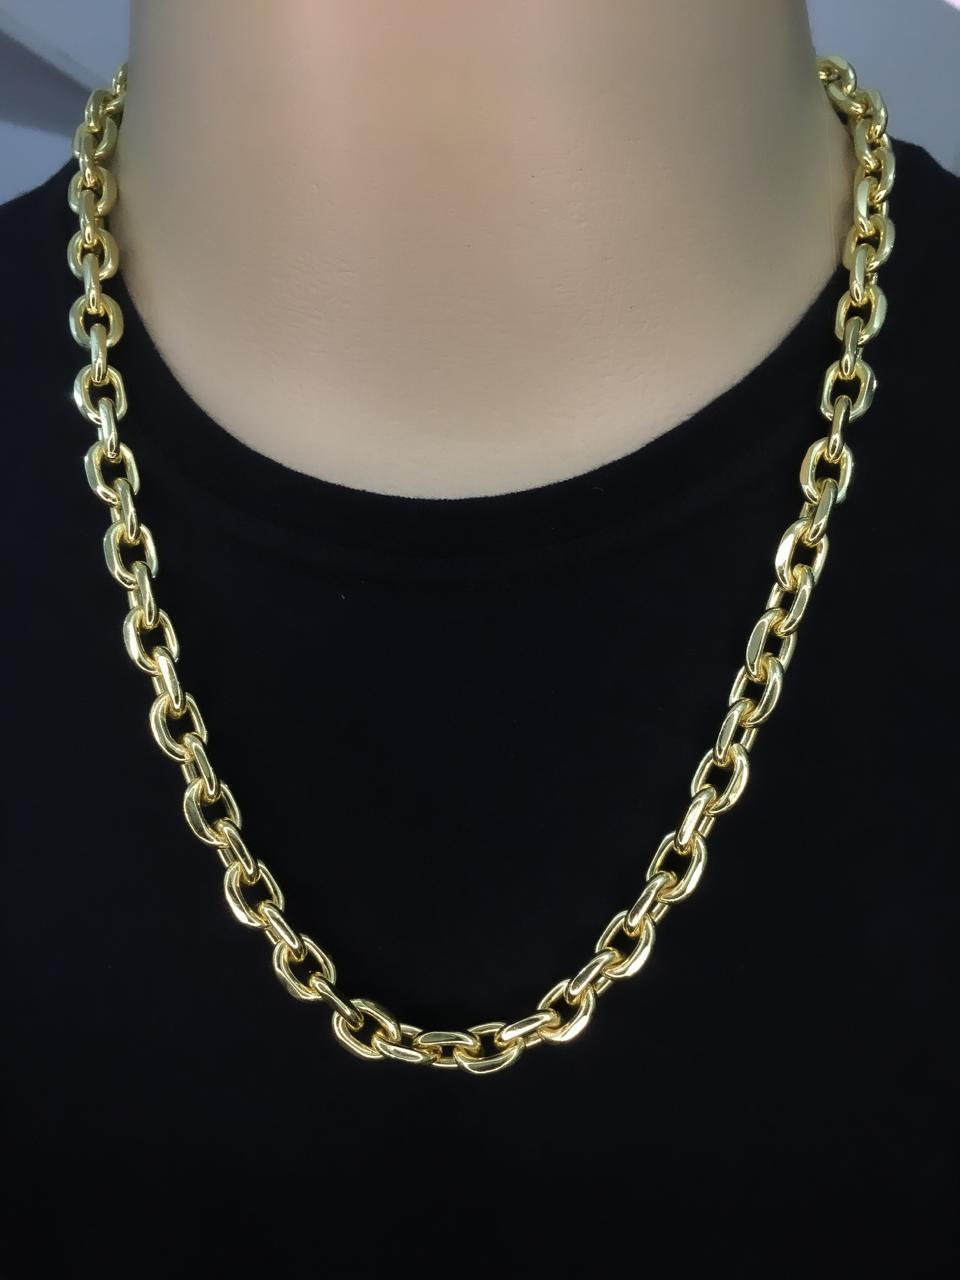 Corrente Cartie  -  10 milímetros - 70 Centímetros - fecho gaveta - Banhado a ouro 18 k